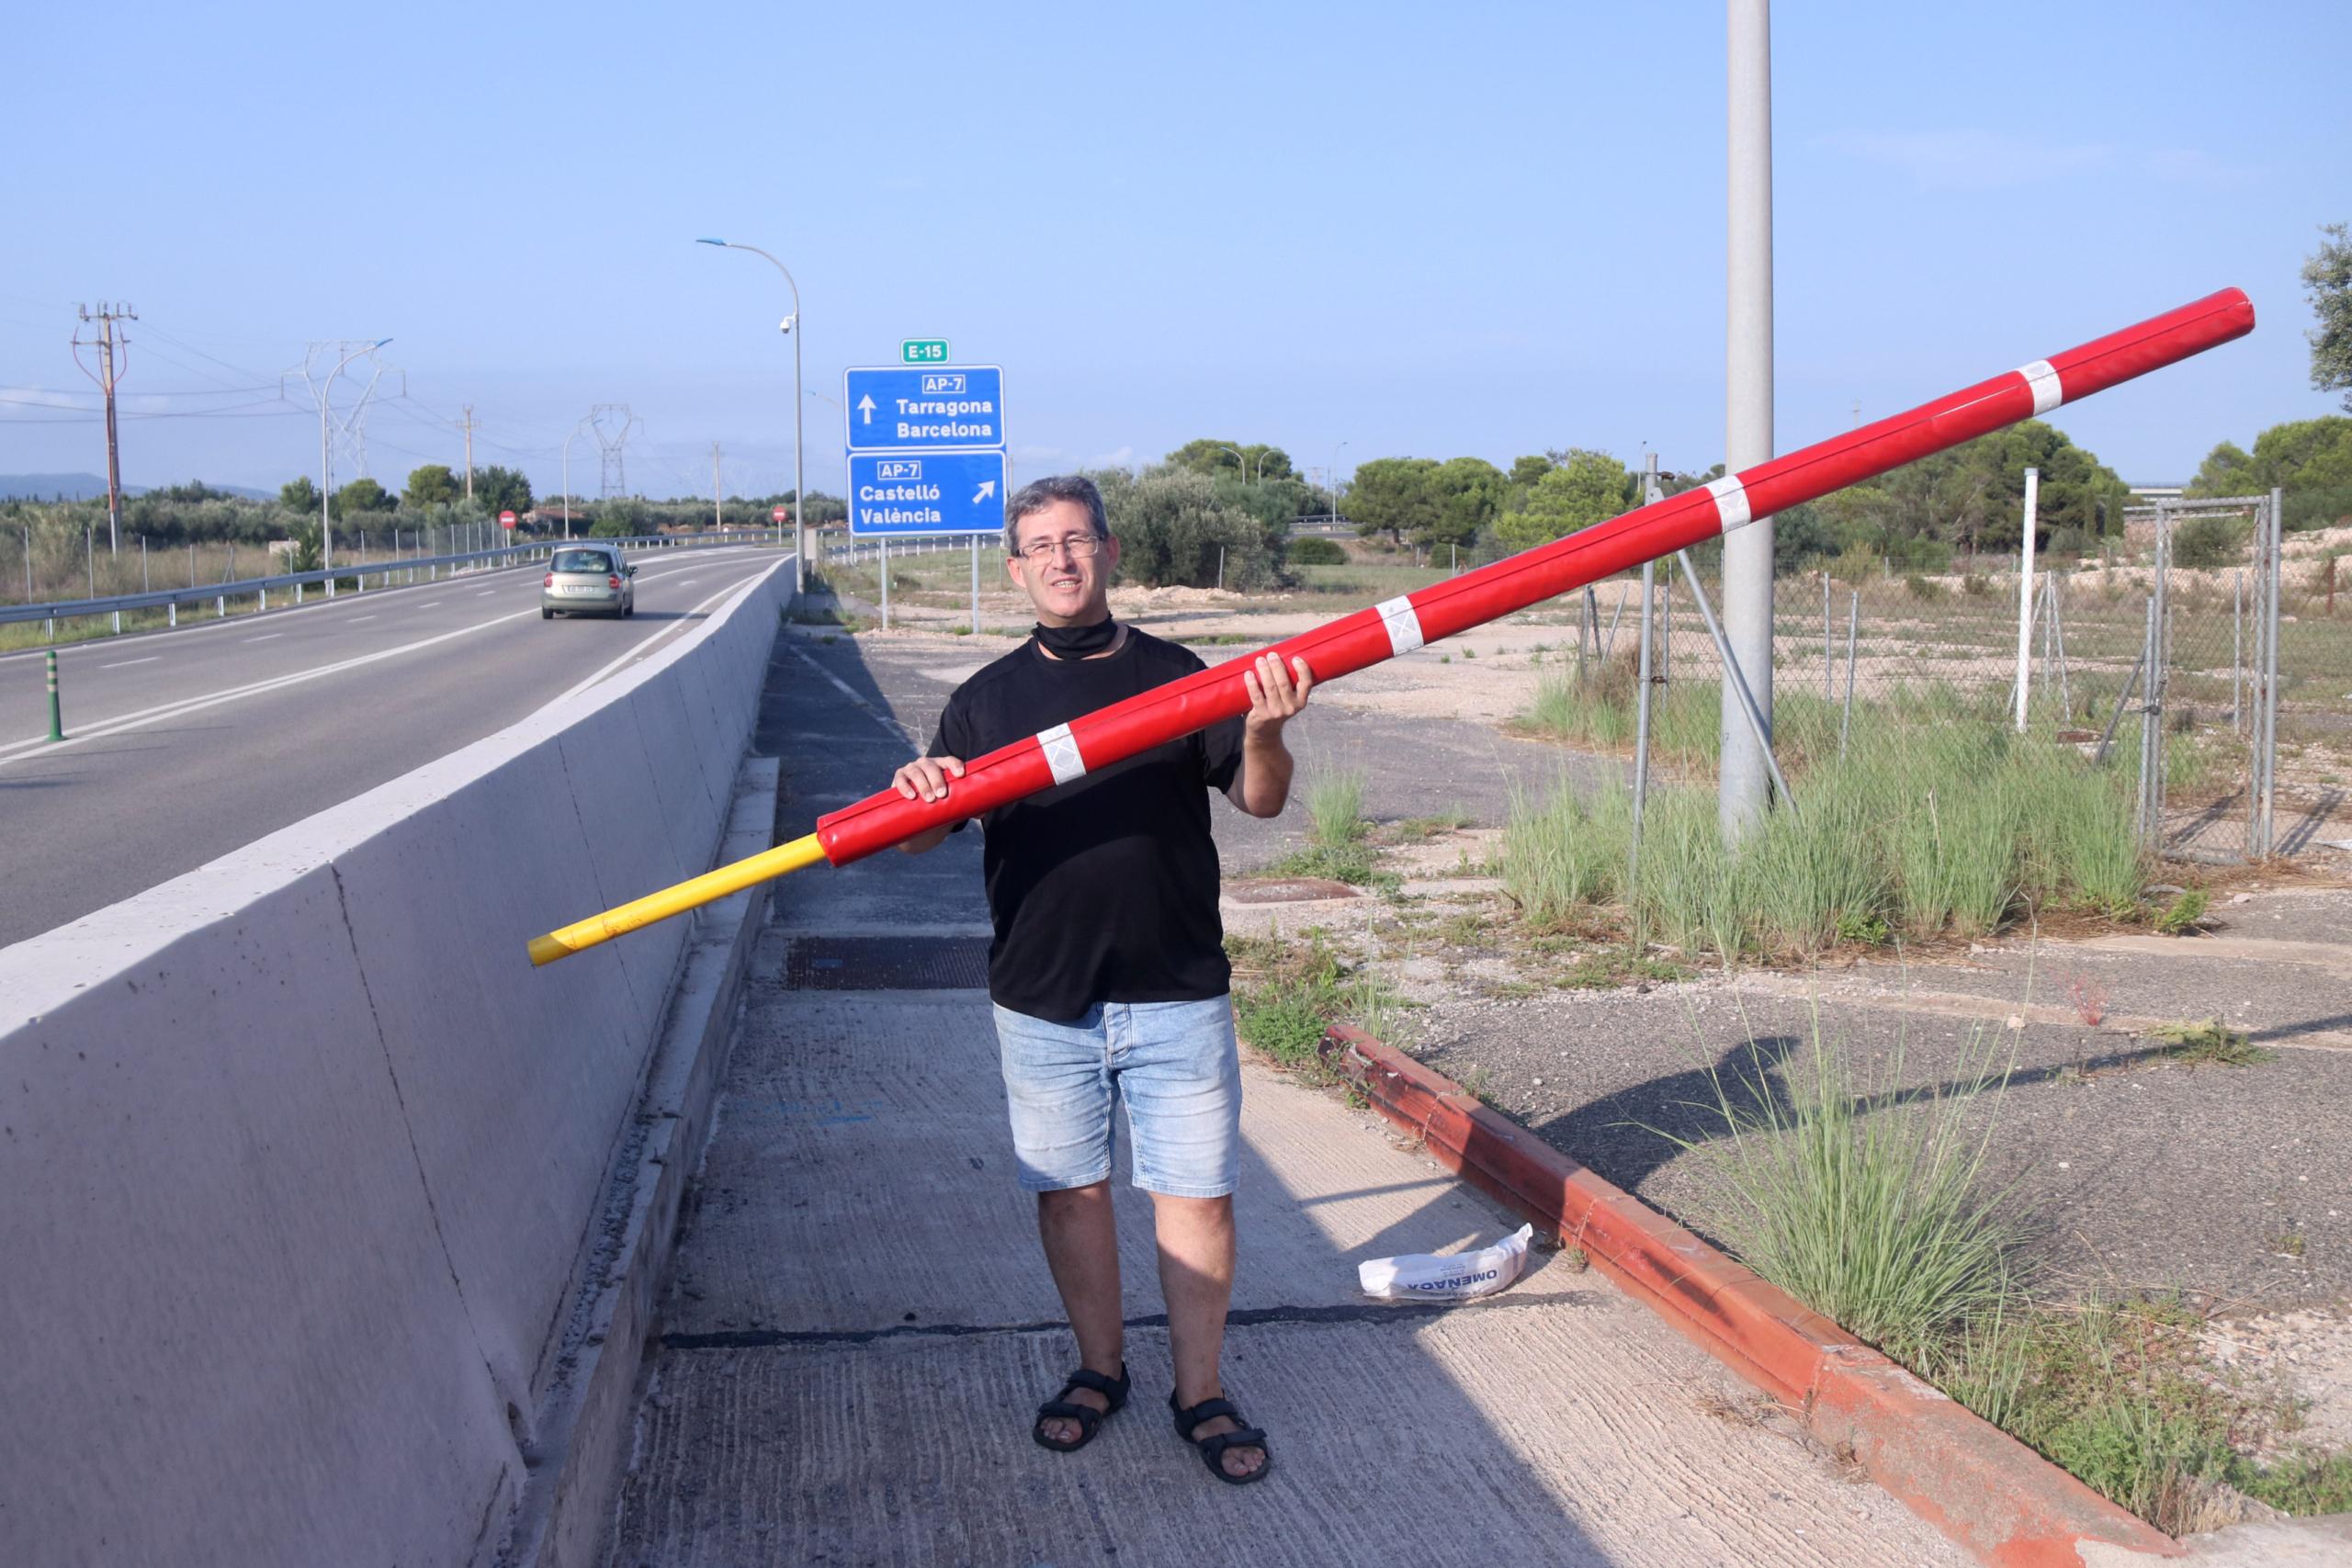 Pla obert de l'activista per l'alliberament de l'AP-7, Llorenç Navarro, amb una de les barreres a l'antic peatge de l'Aldea. Imatge del 26 d'agost de 2021. (Horitzontal)